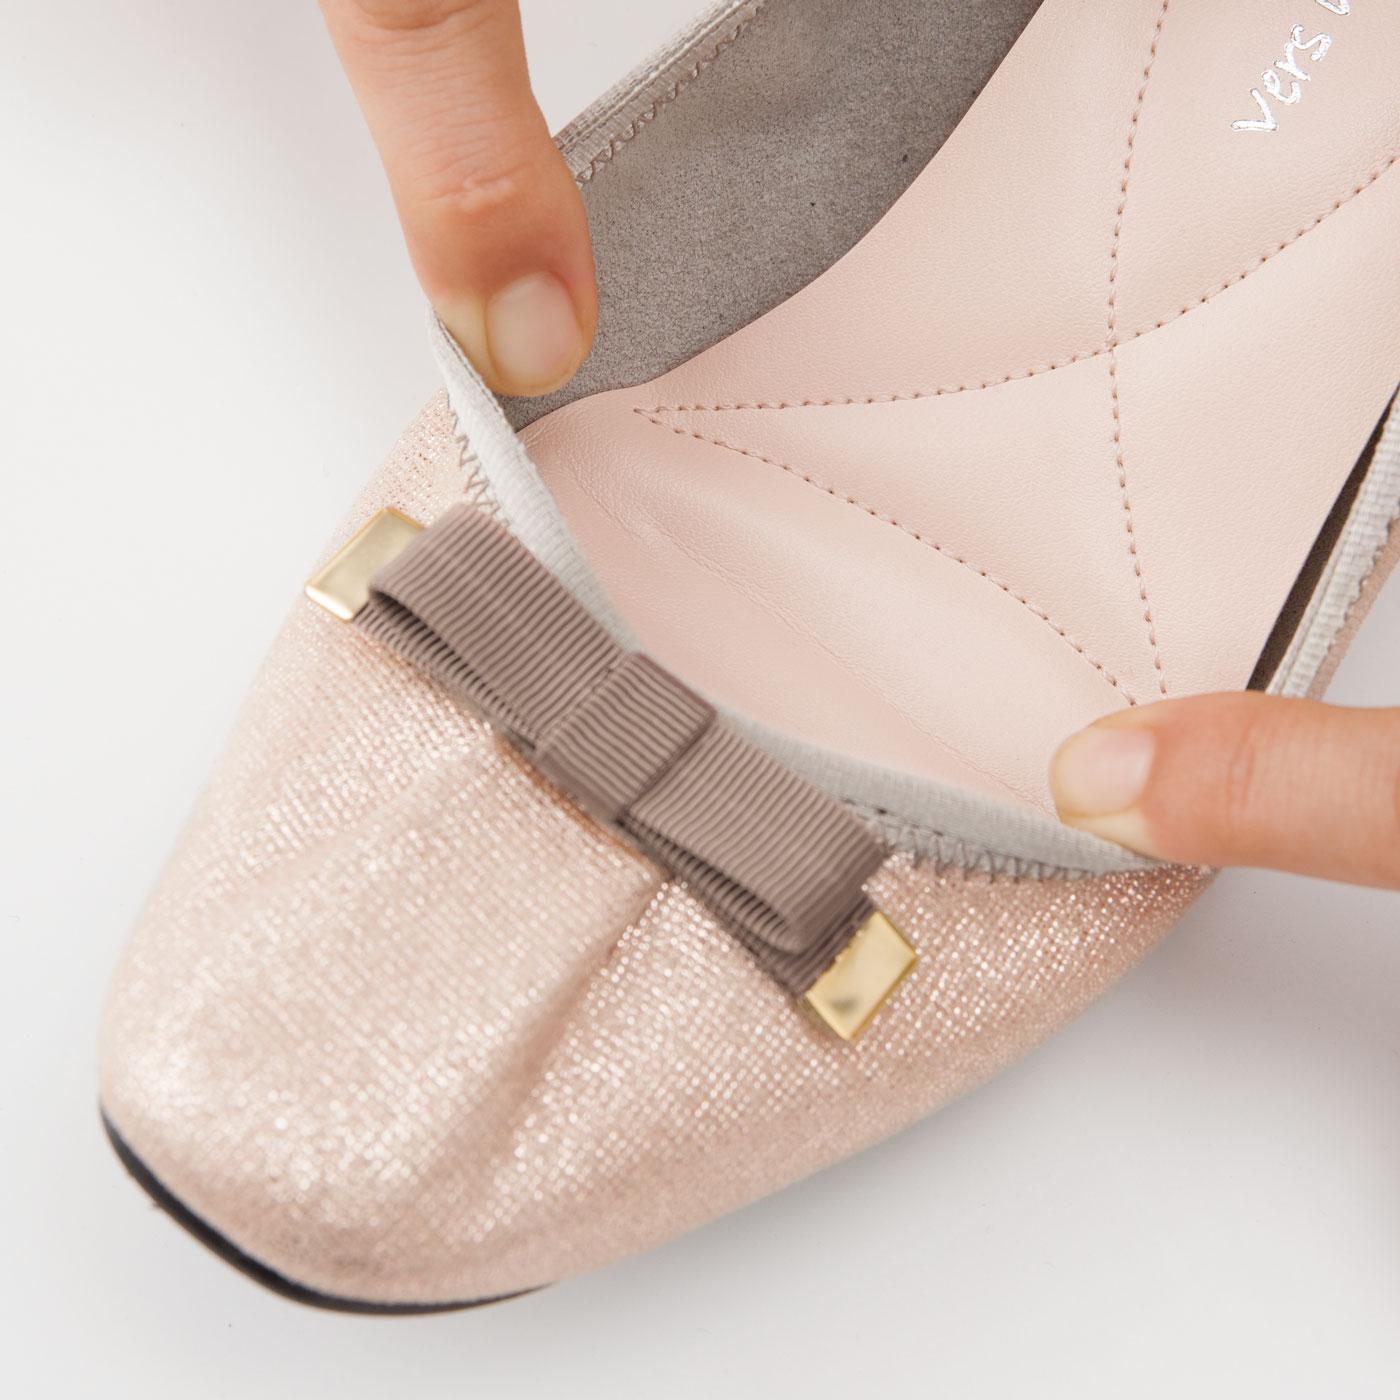 のびのびの履き口で、足まわりに心地よくフィット。軽さとフィット感は、まるで素足でいるかのような履き心地です。